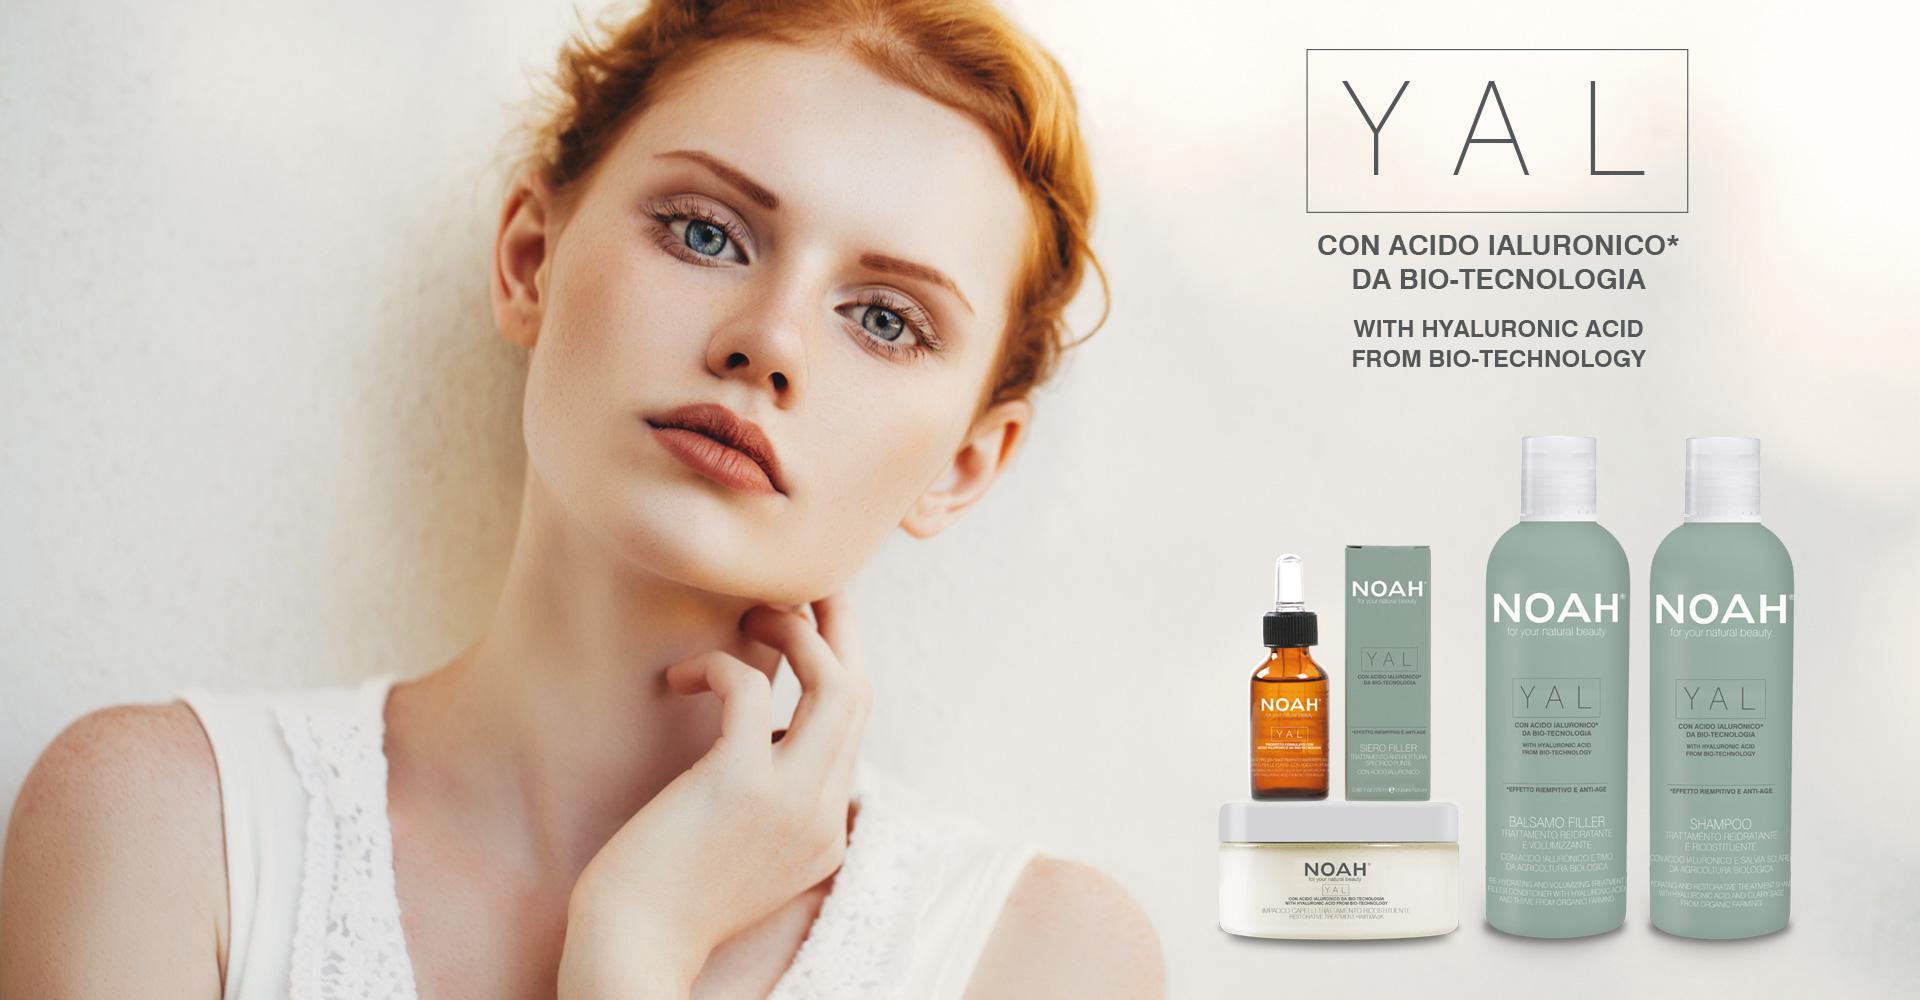 NOAH prodotti naturali per capelli con acido ialuronico